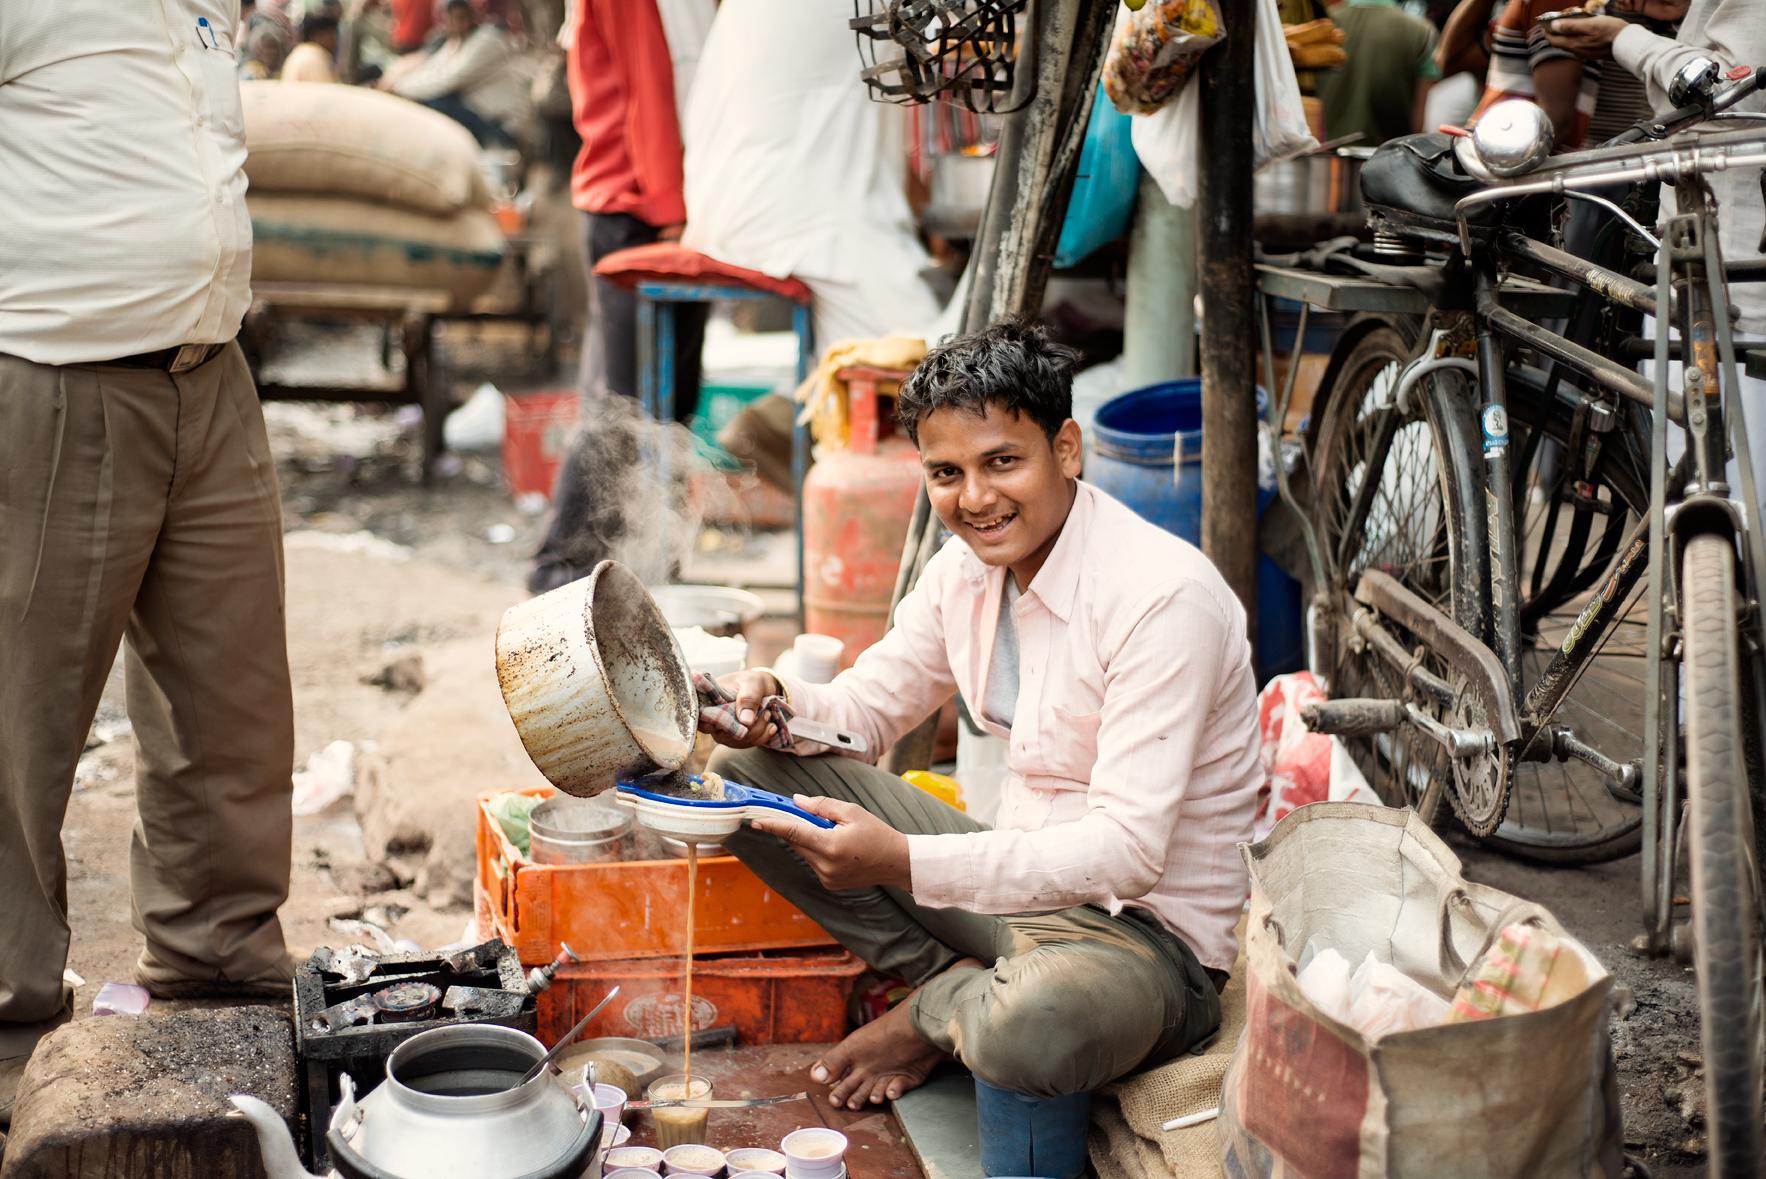 chai delhi india street travel photographer